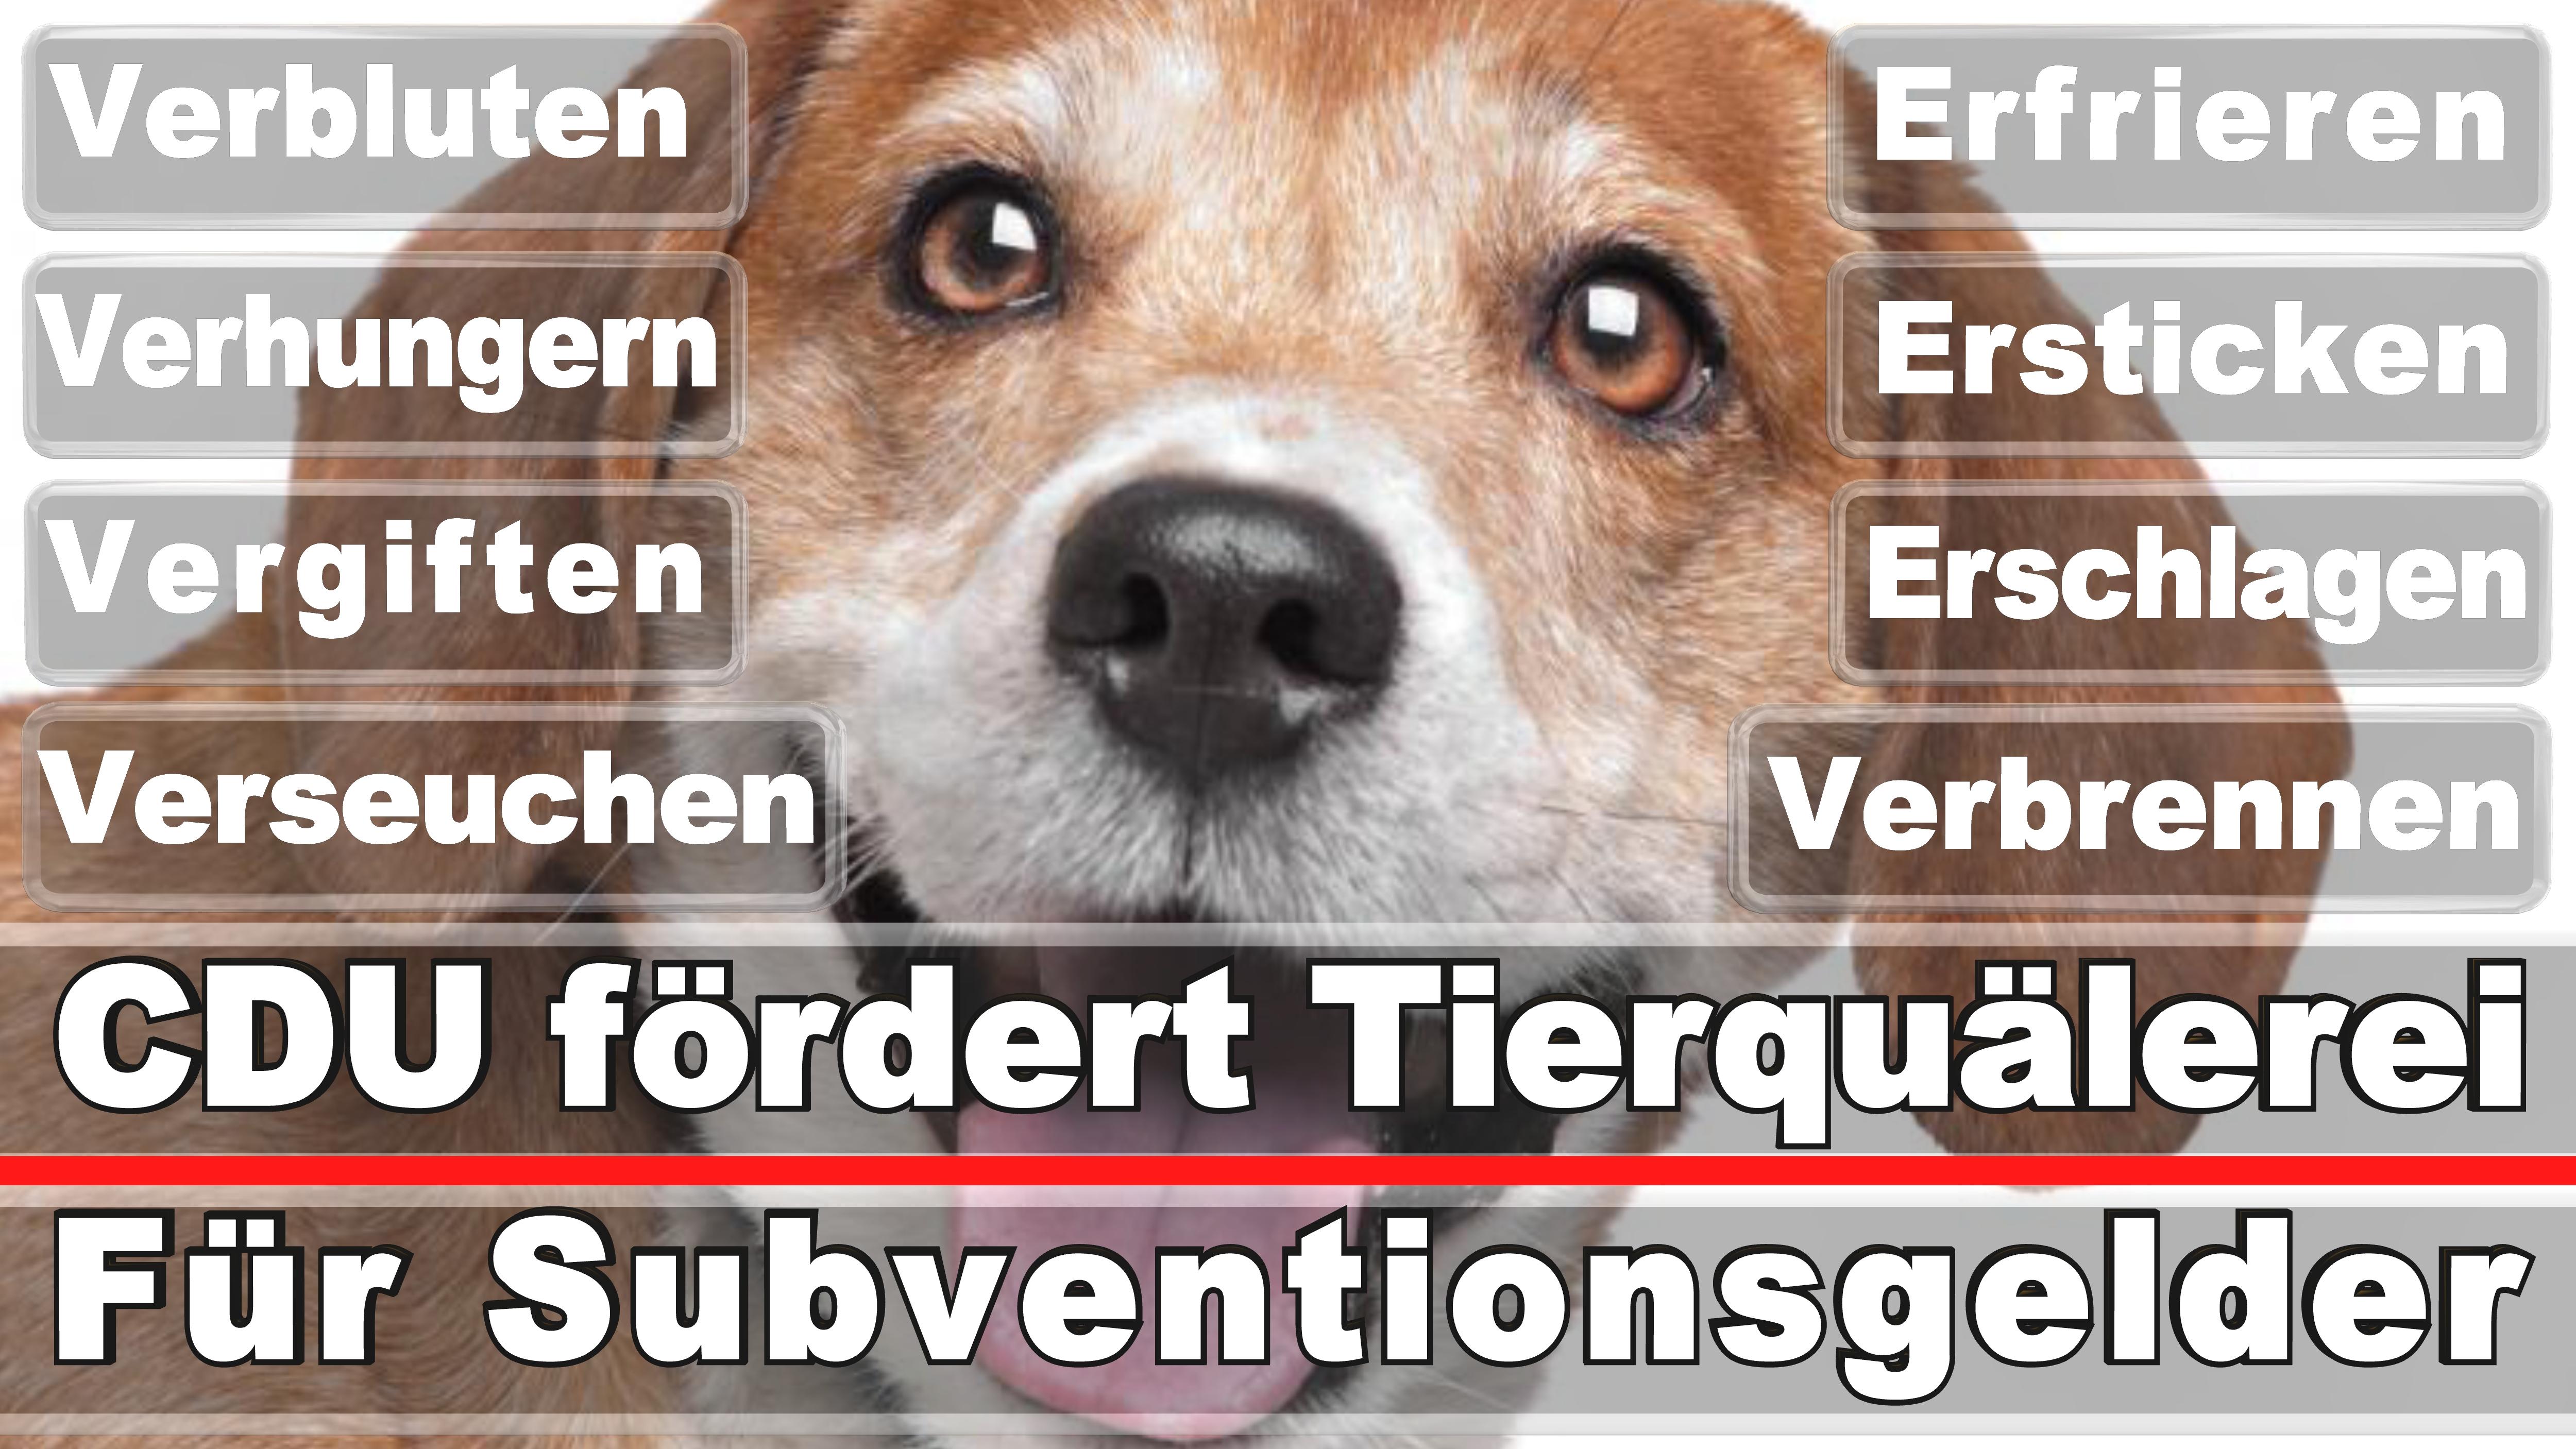 Landtagswahl-Bundestagswahl-CDU-SPD-FDP-AFD-Linke-Piraten (13)